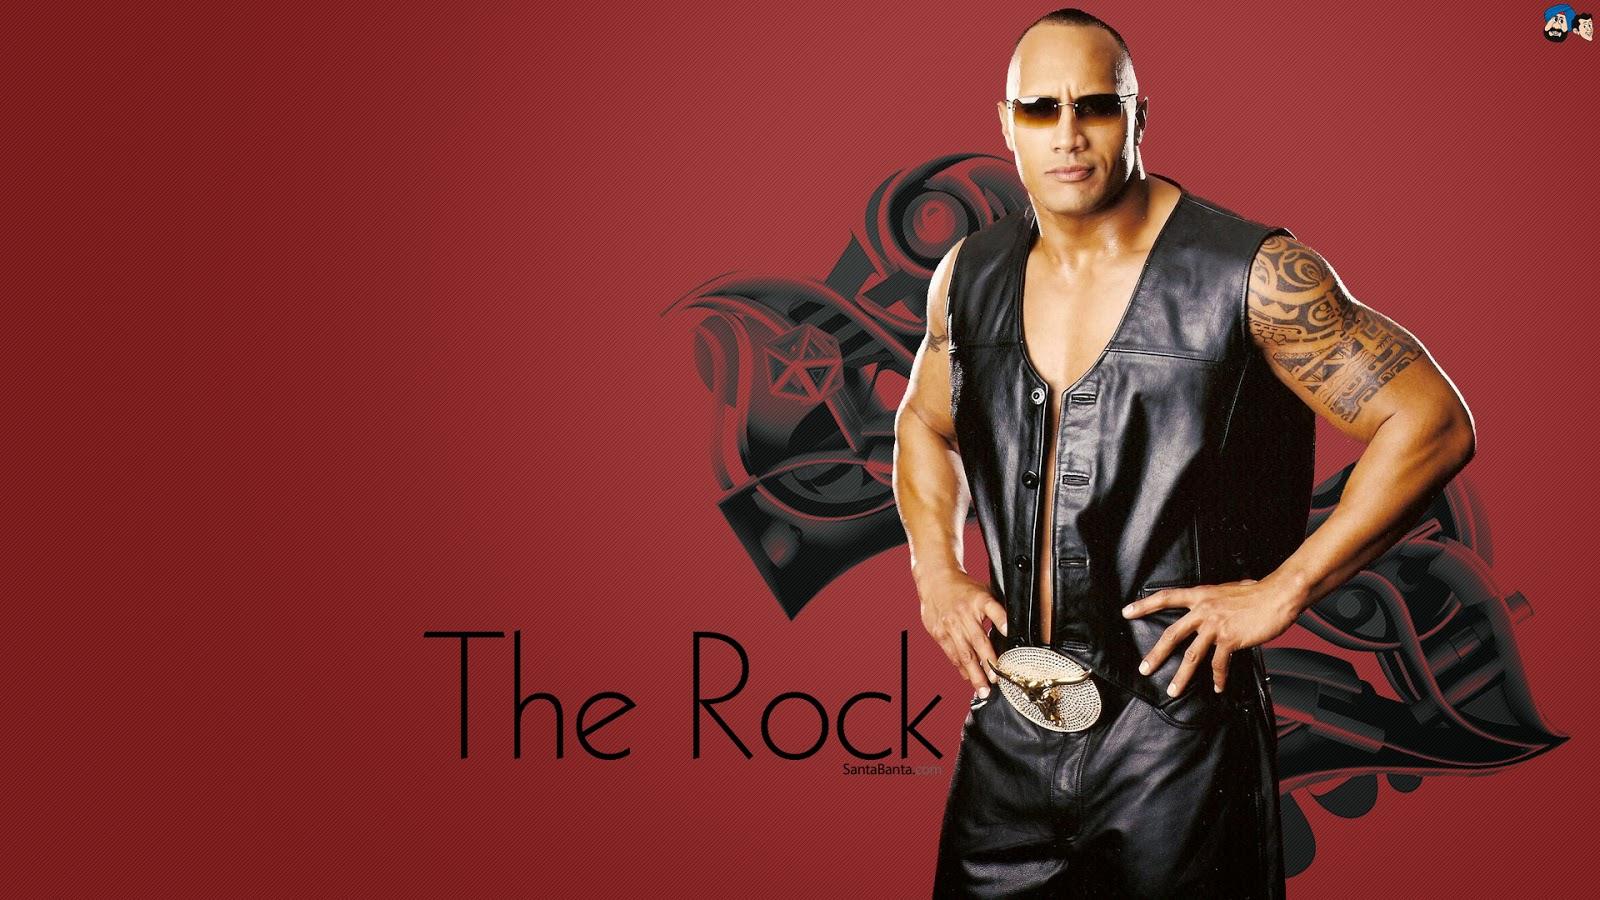 Hd wallpapers of the rock wrestling in urdu - Rock wallpaper ...